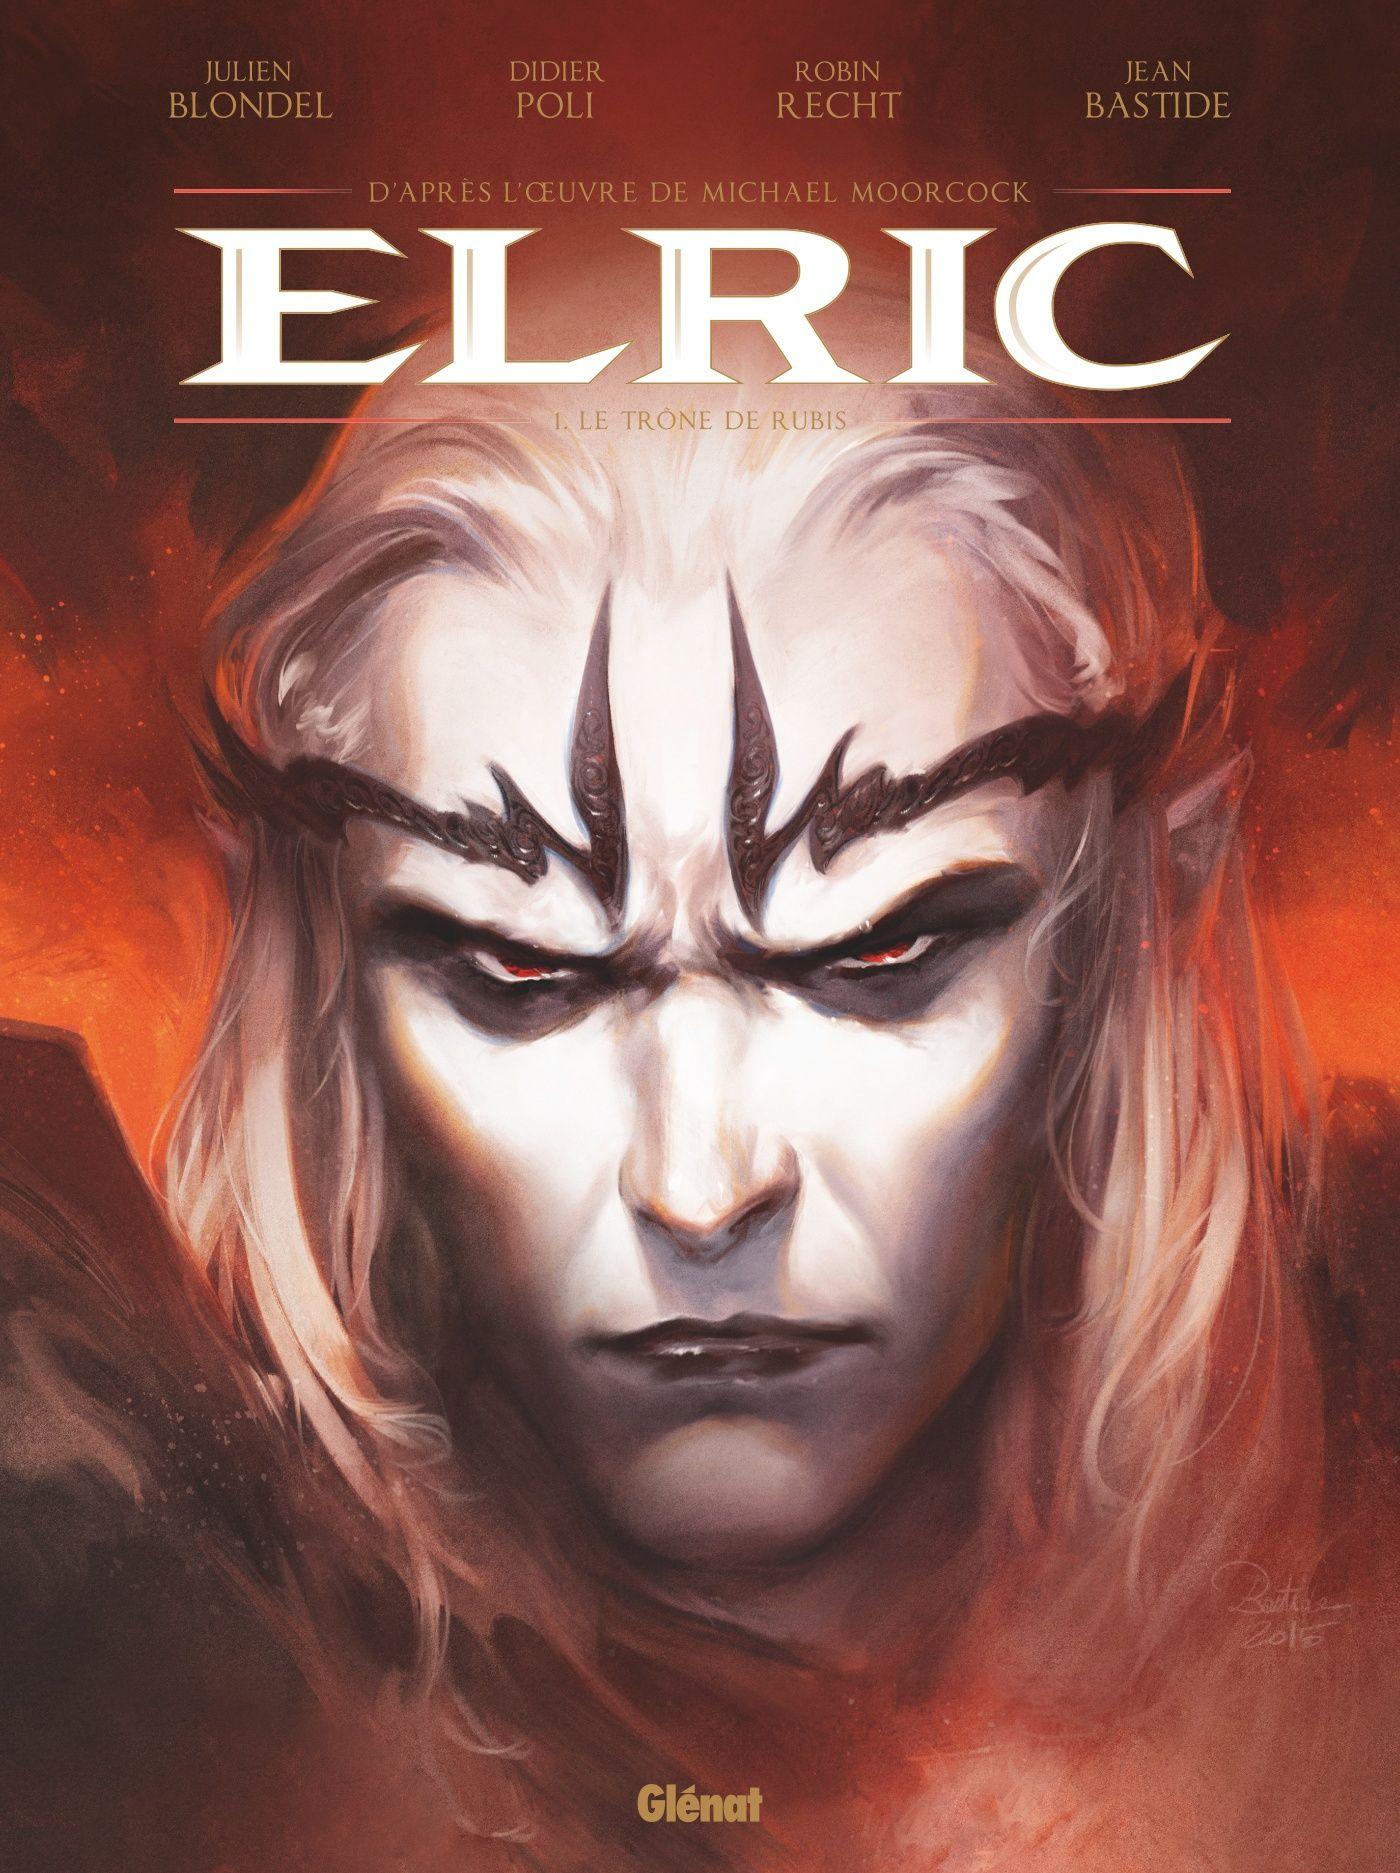 Lire en ligne Elric - Tome 1 - Edition spéciale... | Dark fantasy art, Bande dessinée fantastique, Téléchargement